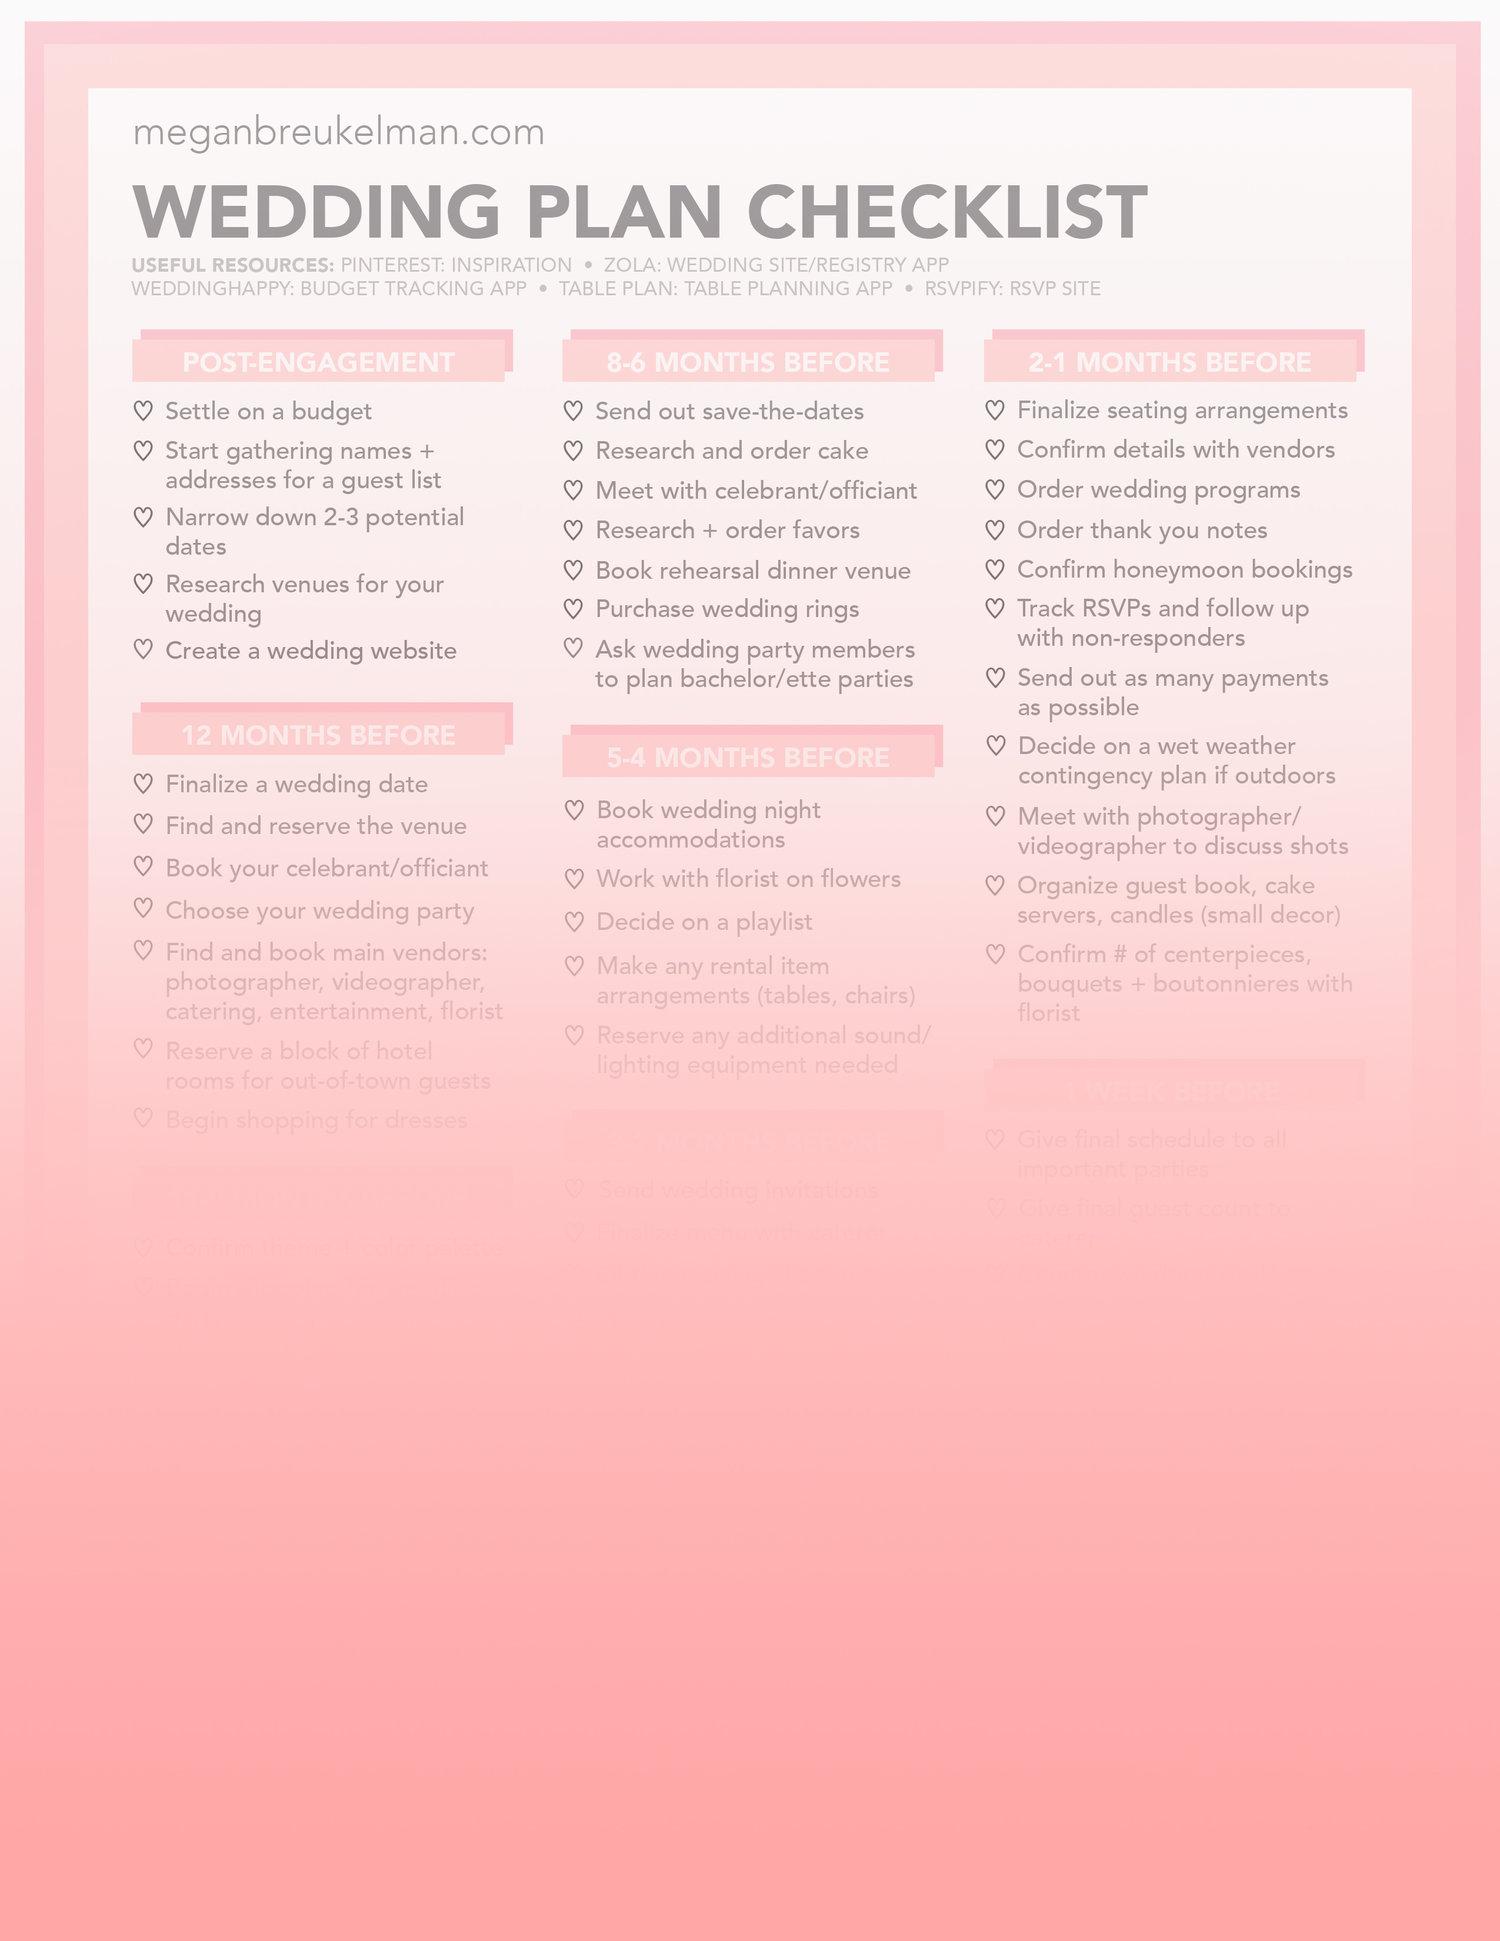 Planning A Wedding Checklists.Wedding Countdown Checklist Free Printable Wedding